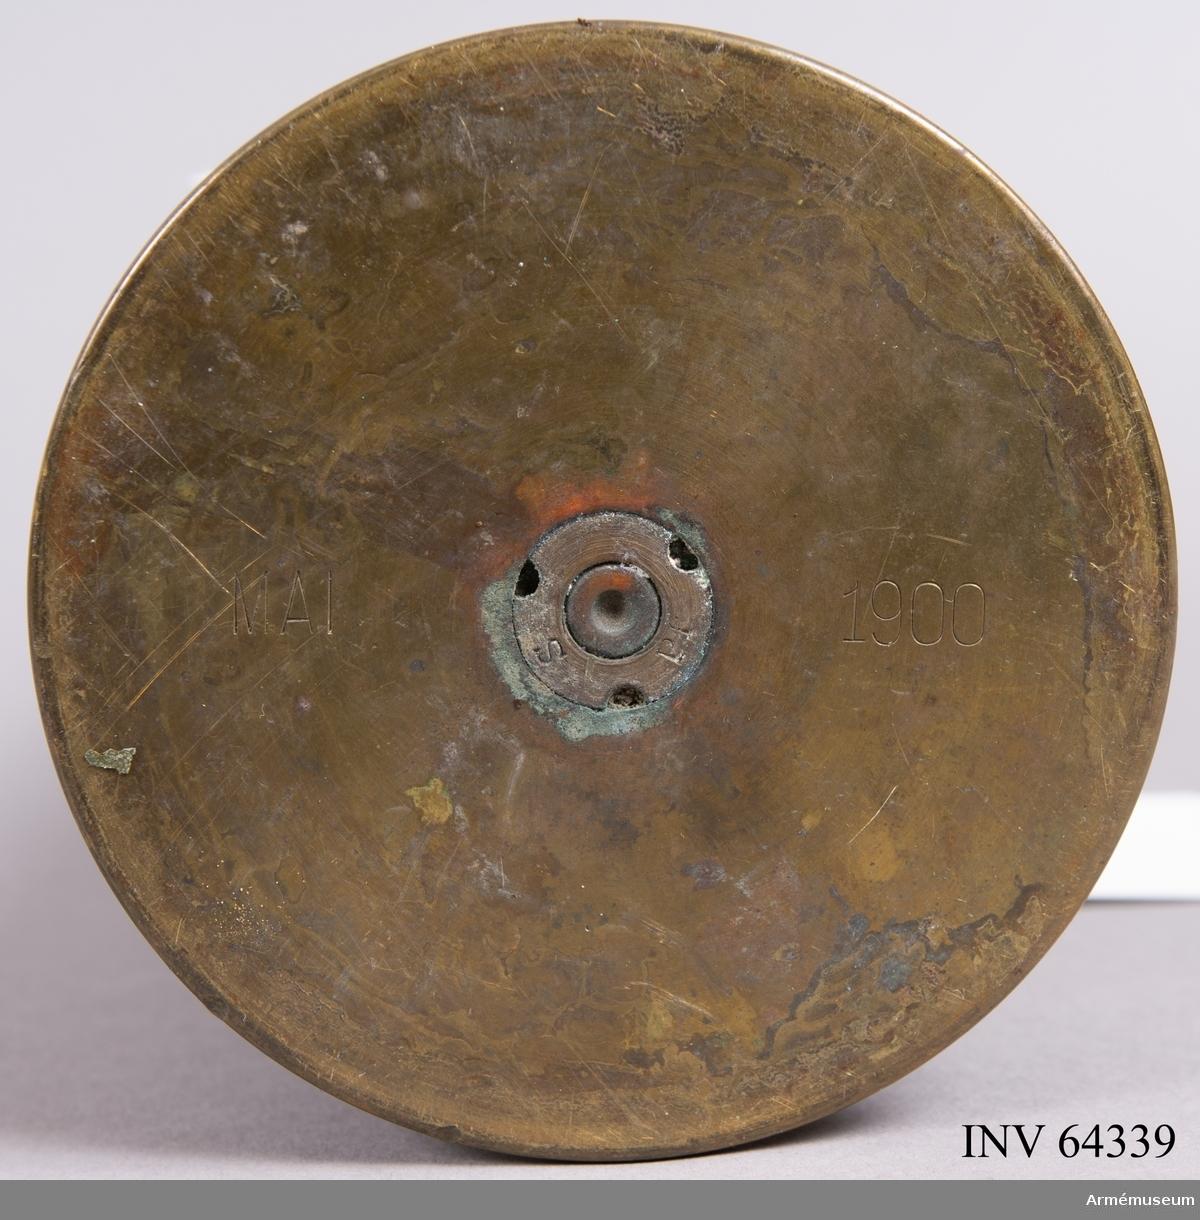 Grupp F II. Hylsa till 7,5 cm kanon märkt 1900.